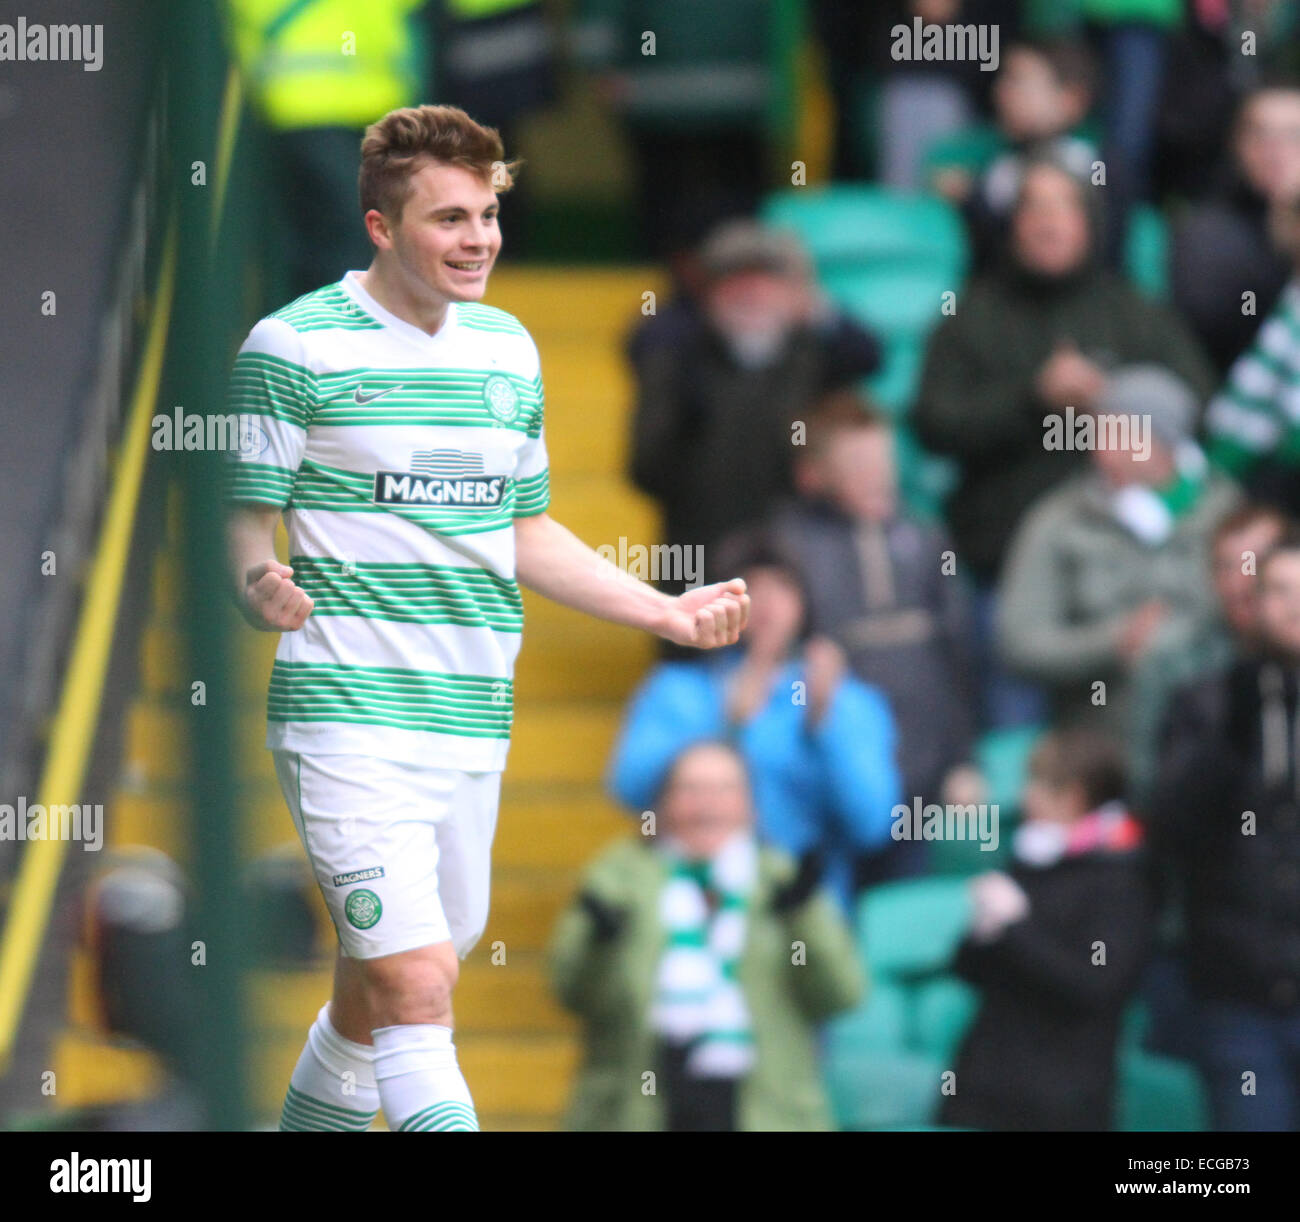 Glasgow, Scotland. 14th Dec, 2014. Scottish Premier League. Celtic vs St mirren. James Forrest celebrates his goal - Stock Image